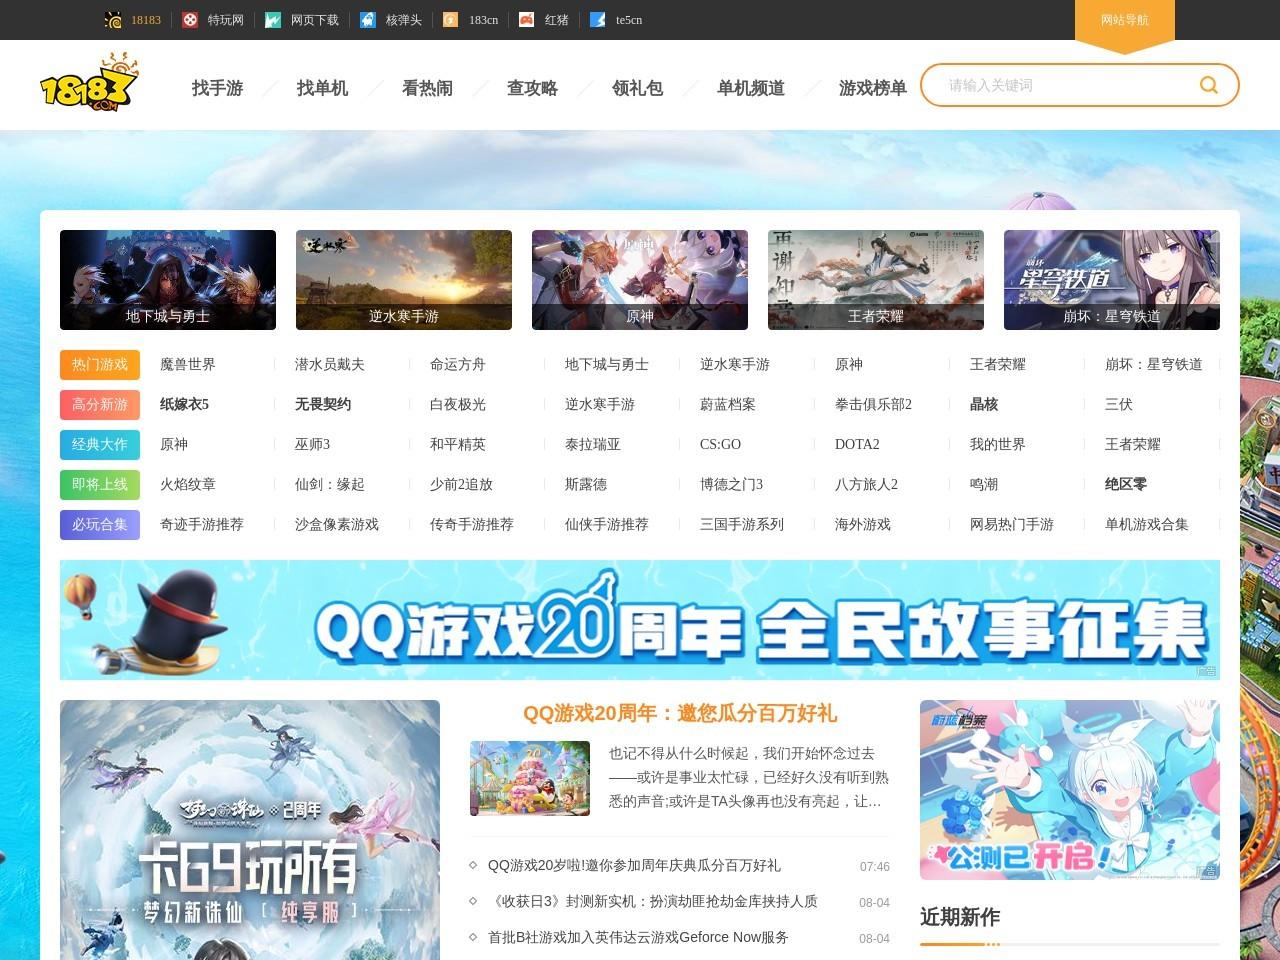 18183手游网_Get好游戏_18183.com